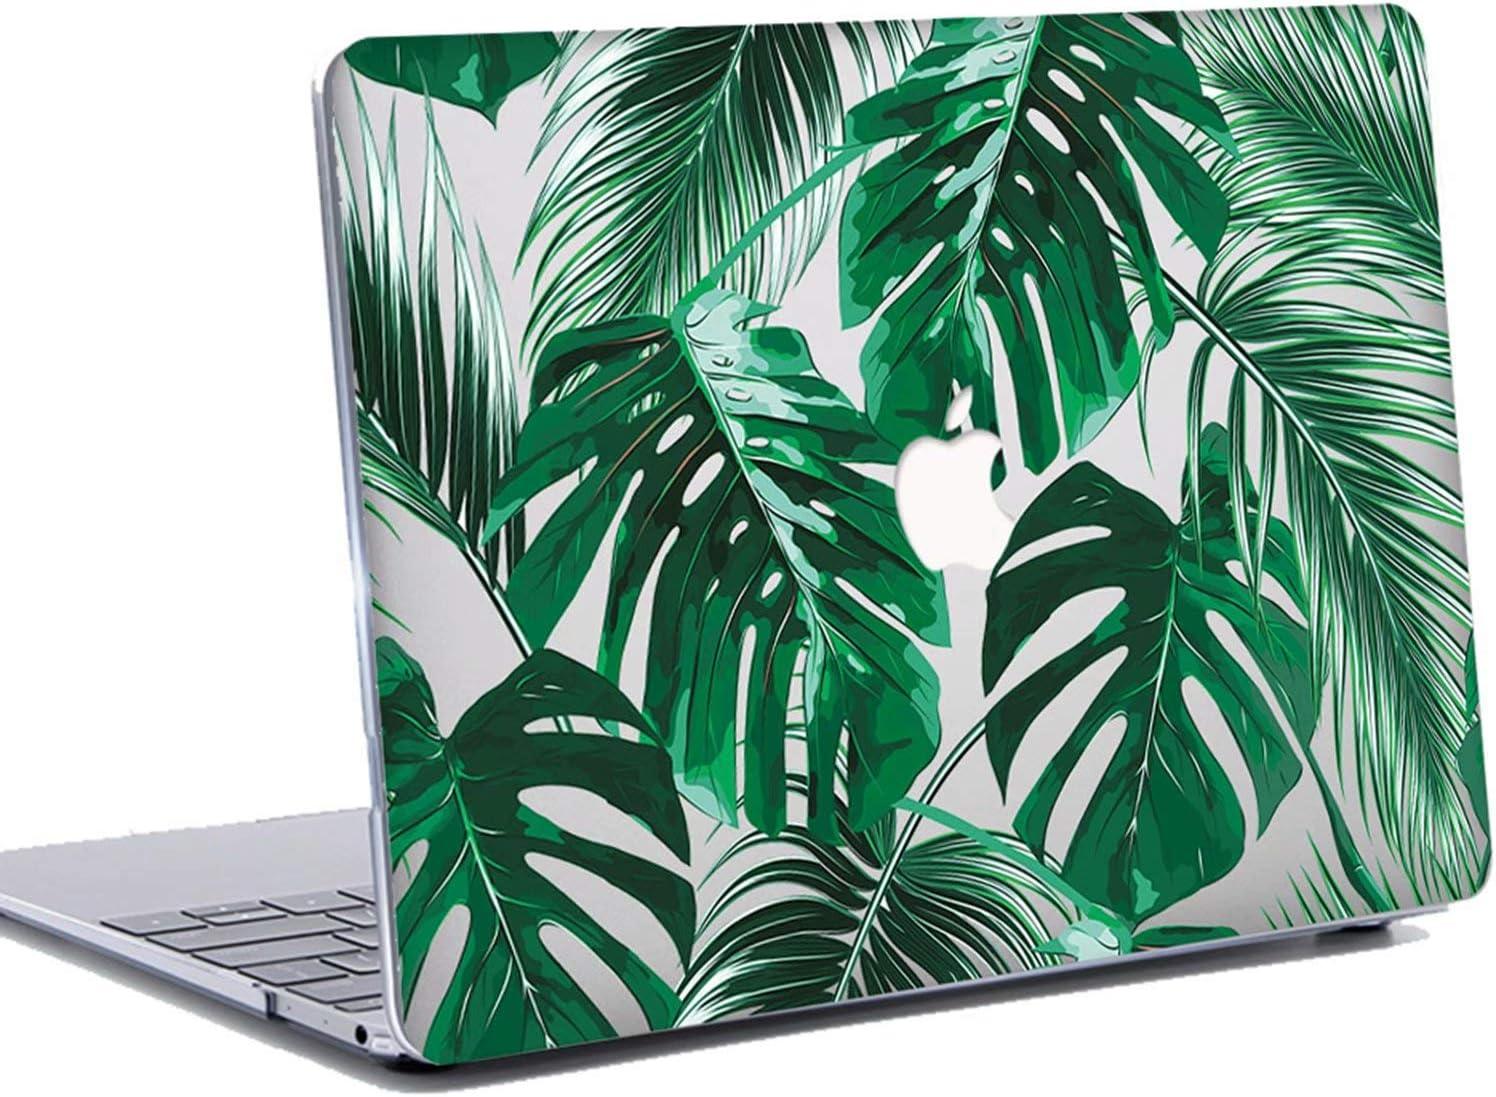 N/S Funda Dura para MacBook Pro 13 Pulgadas 2019 2018 2017 2016 - Plástico Dura Case Carcasa para MacBook Pro 13.3